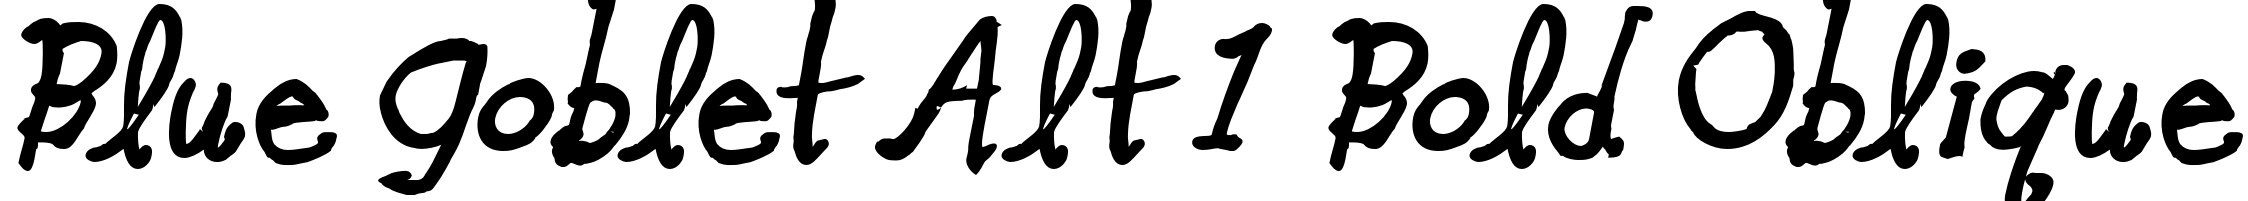 Blue Goblet Alt 1 Bold Oblique